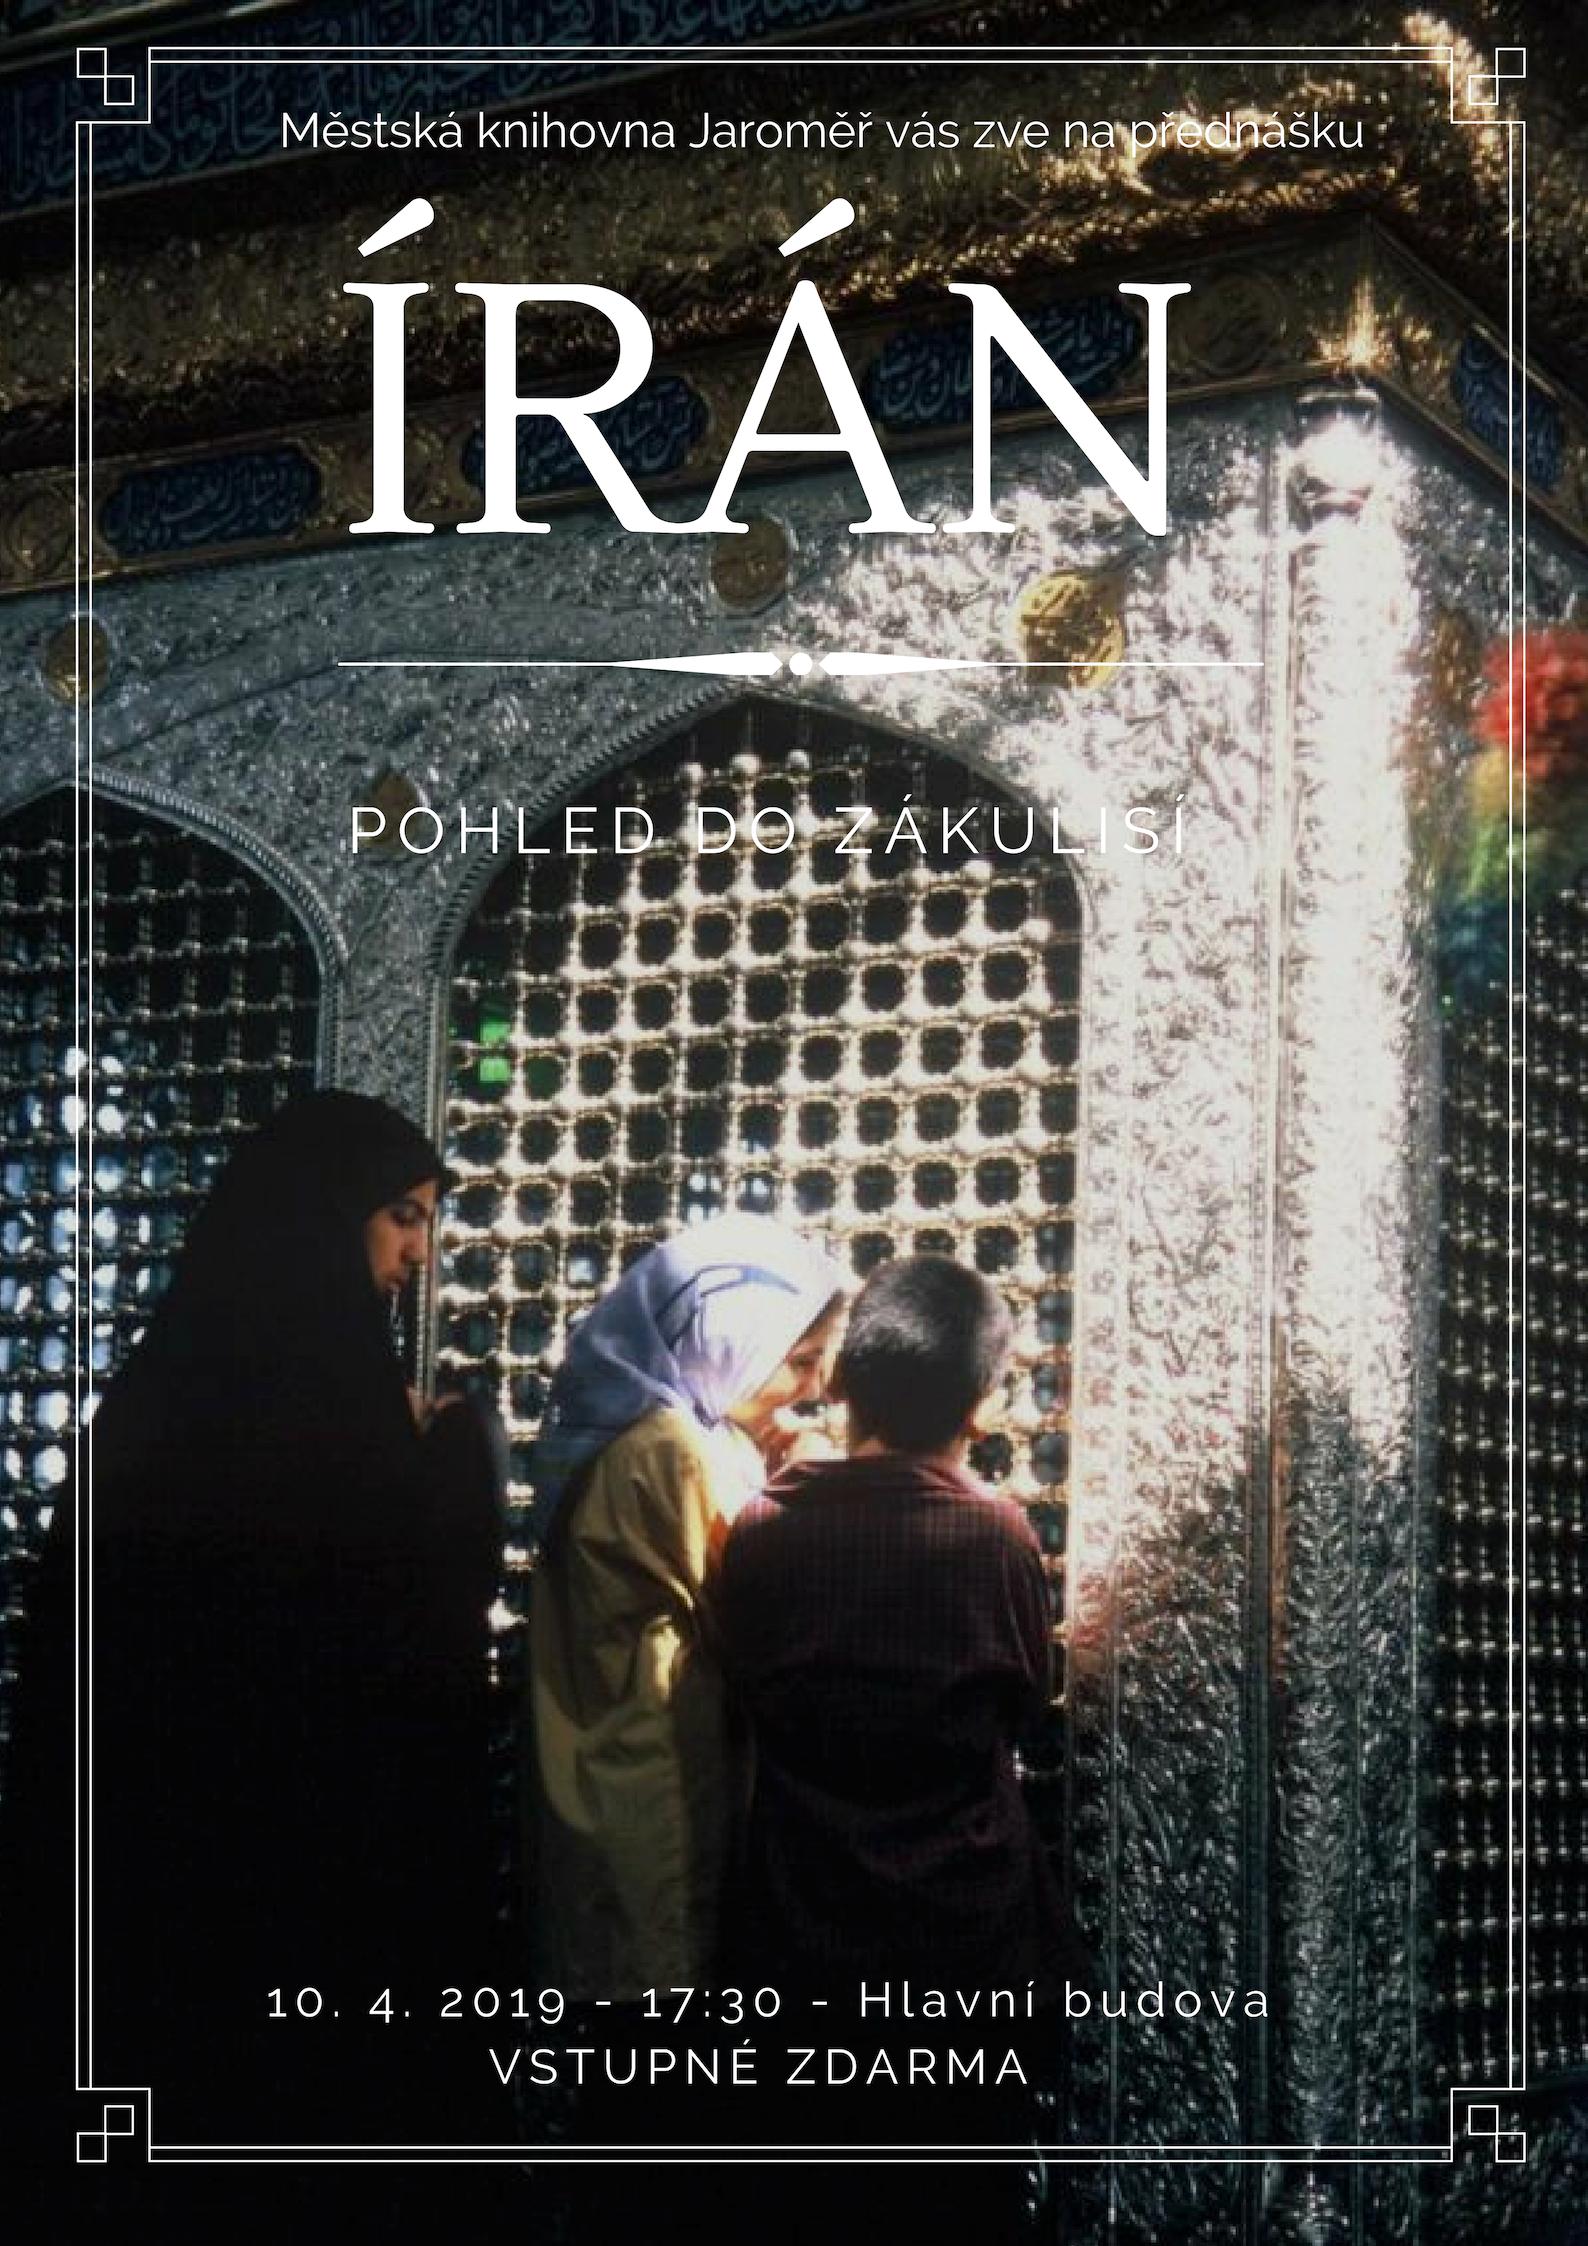 Írán – pohled do zákulisí